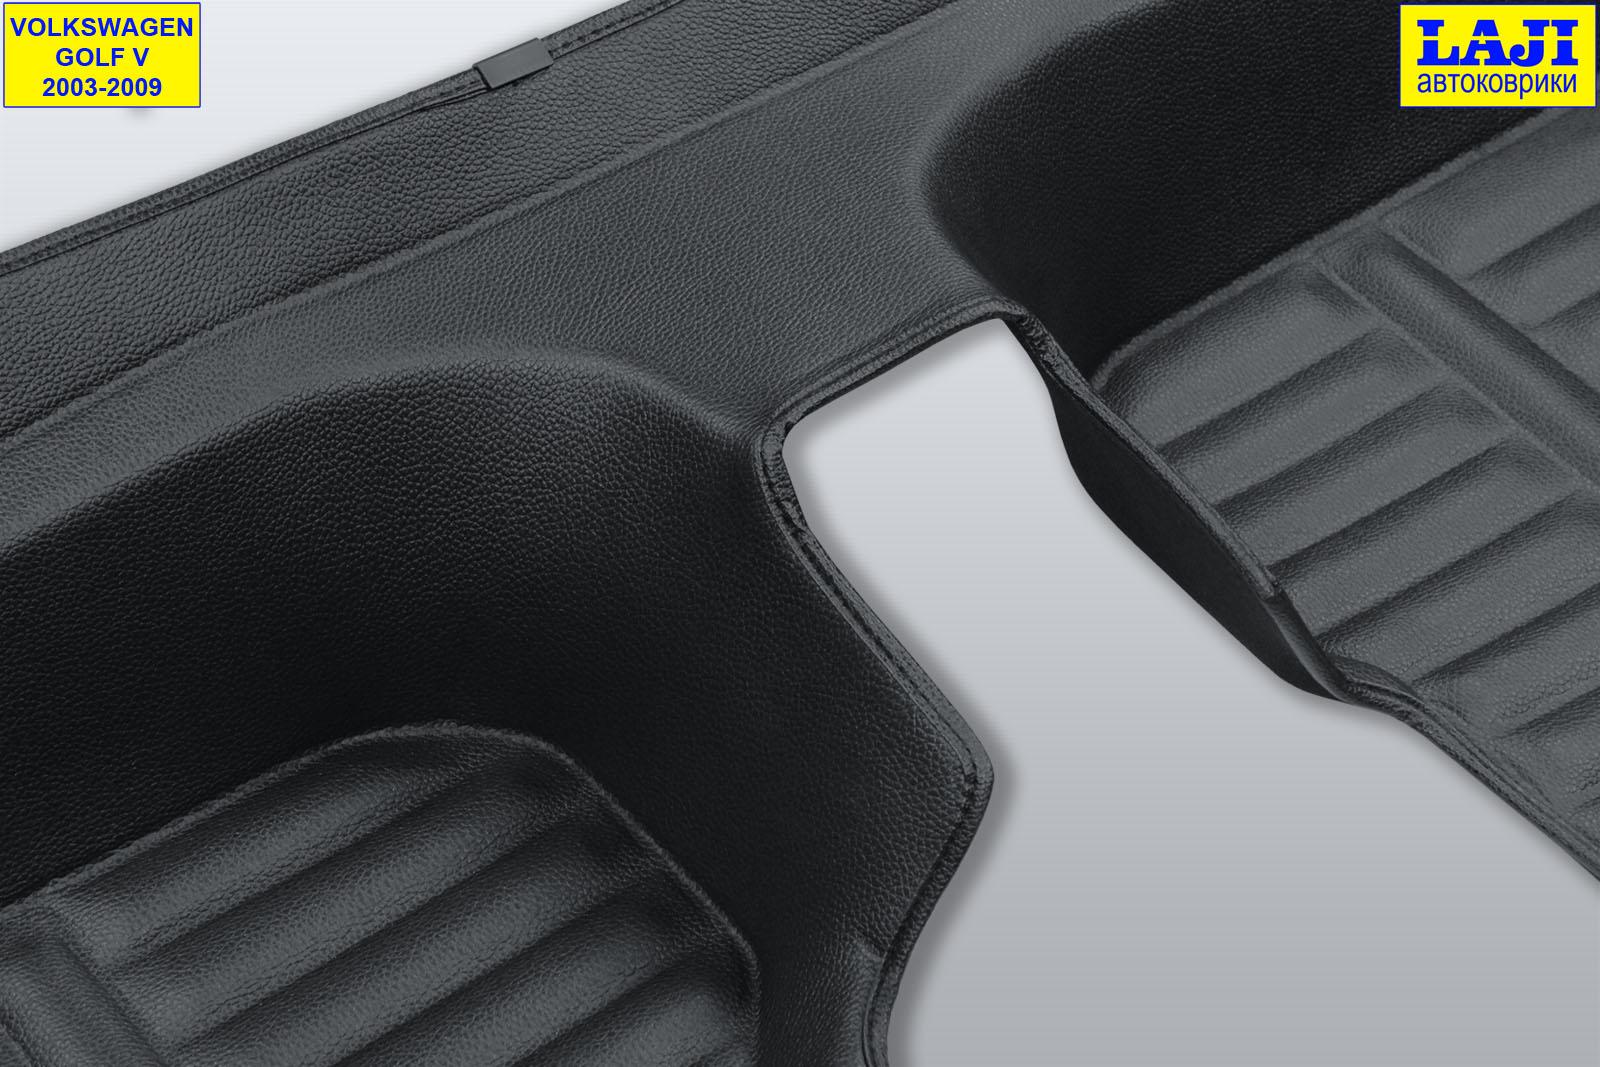 5D коврики в салон Volkswagen Golf 5 2003-2009